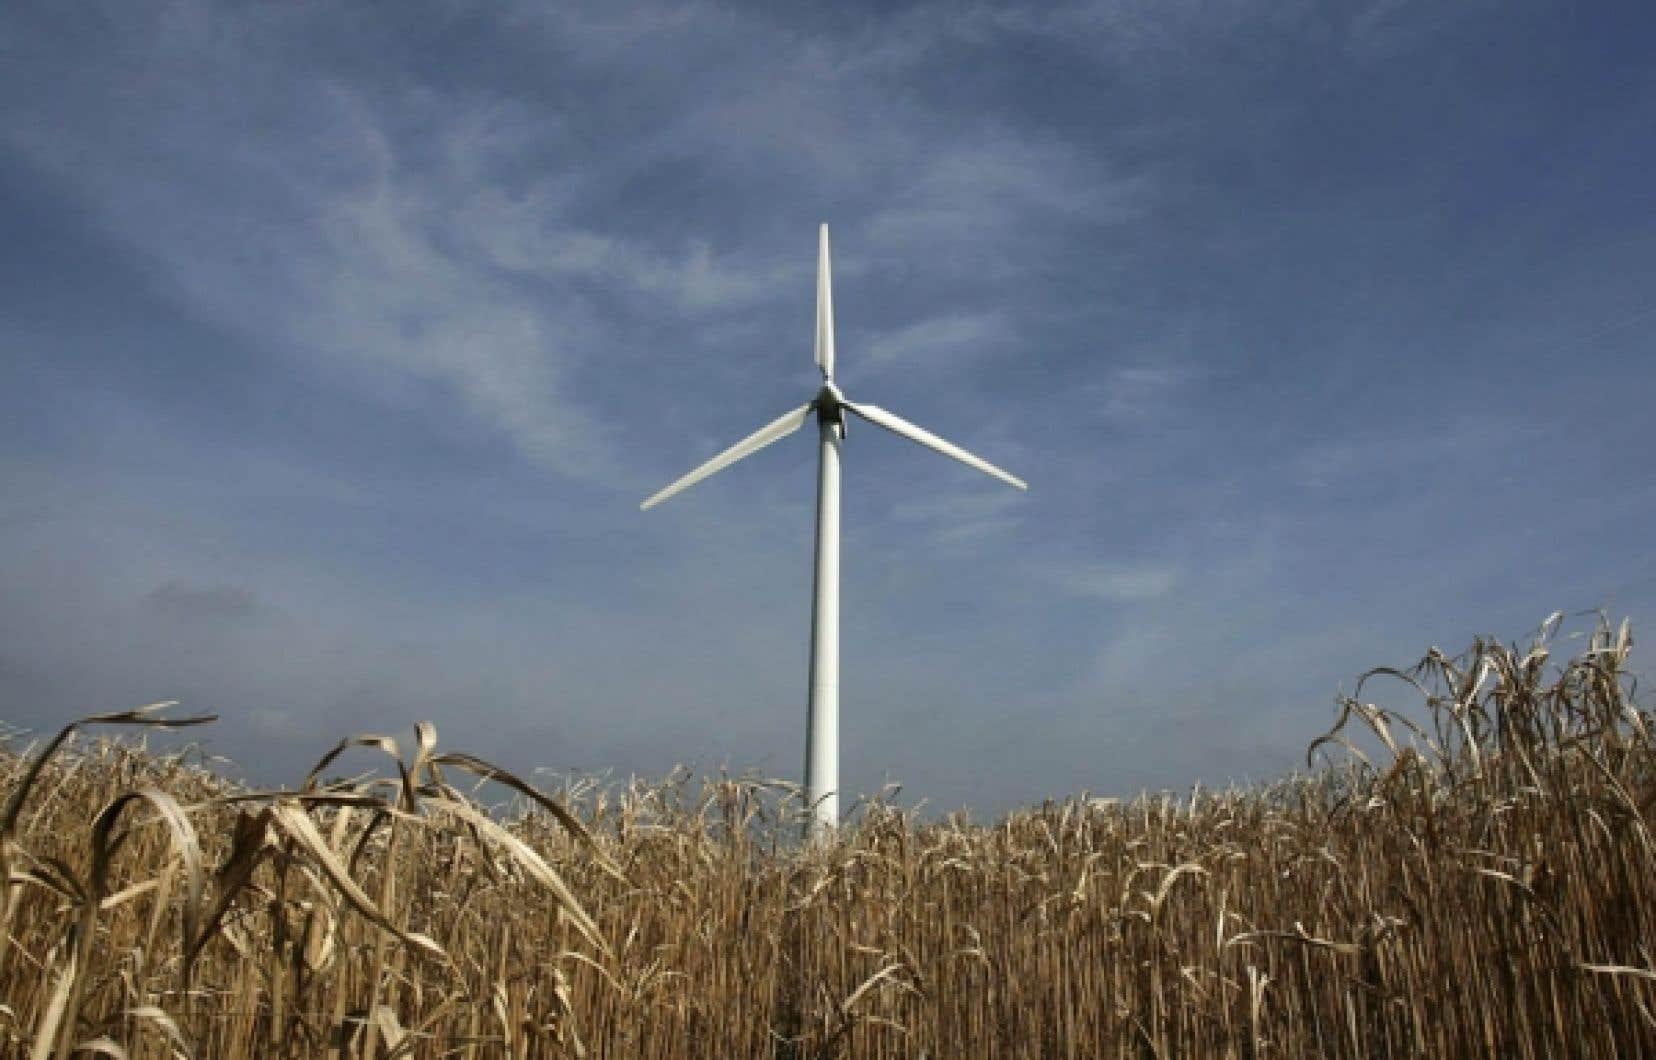 Le Conseil régional de l'environnement de Chaudière-Appalaches et l'Association québécoise de lutte contre la pollution atmosphérique sont d'accord pour la réalisation d'un parc éolien au sommet du Massif du Sud, une montagne de 700 mètres.<br />